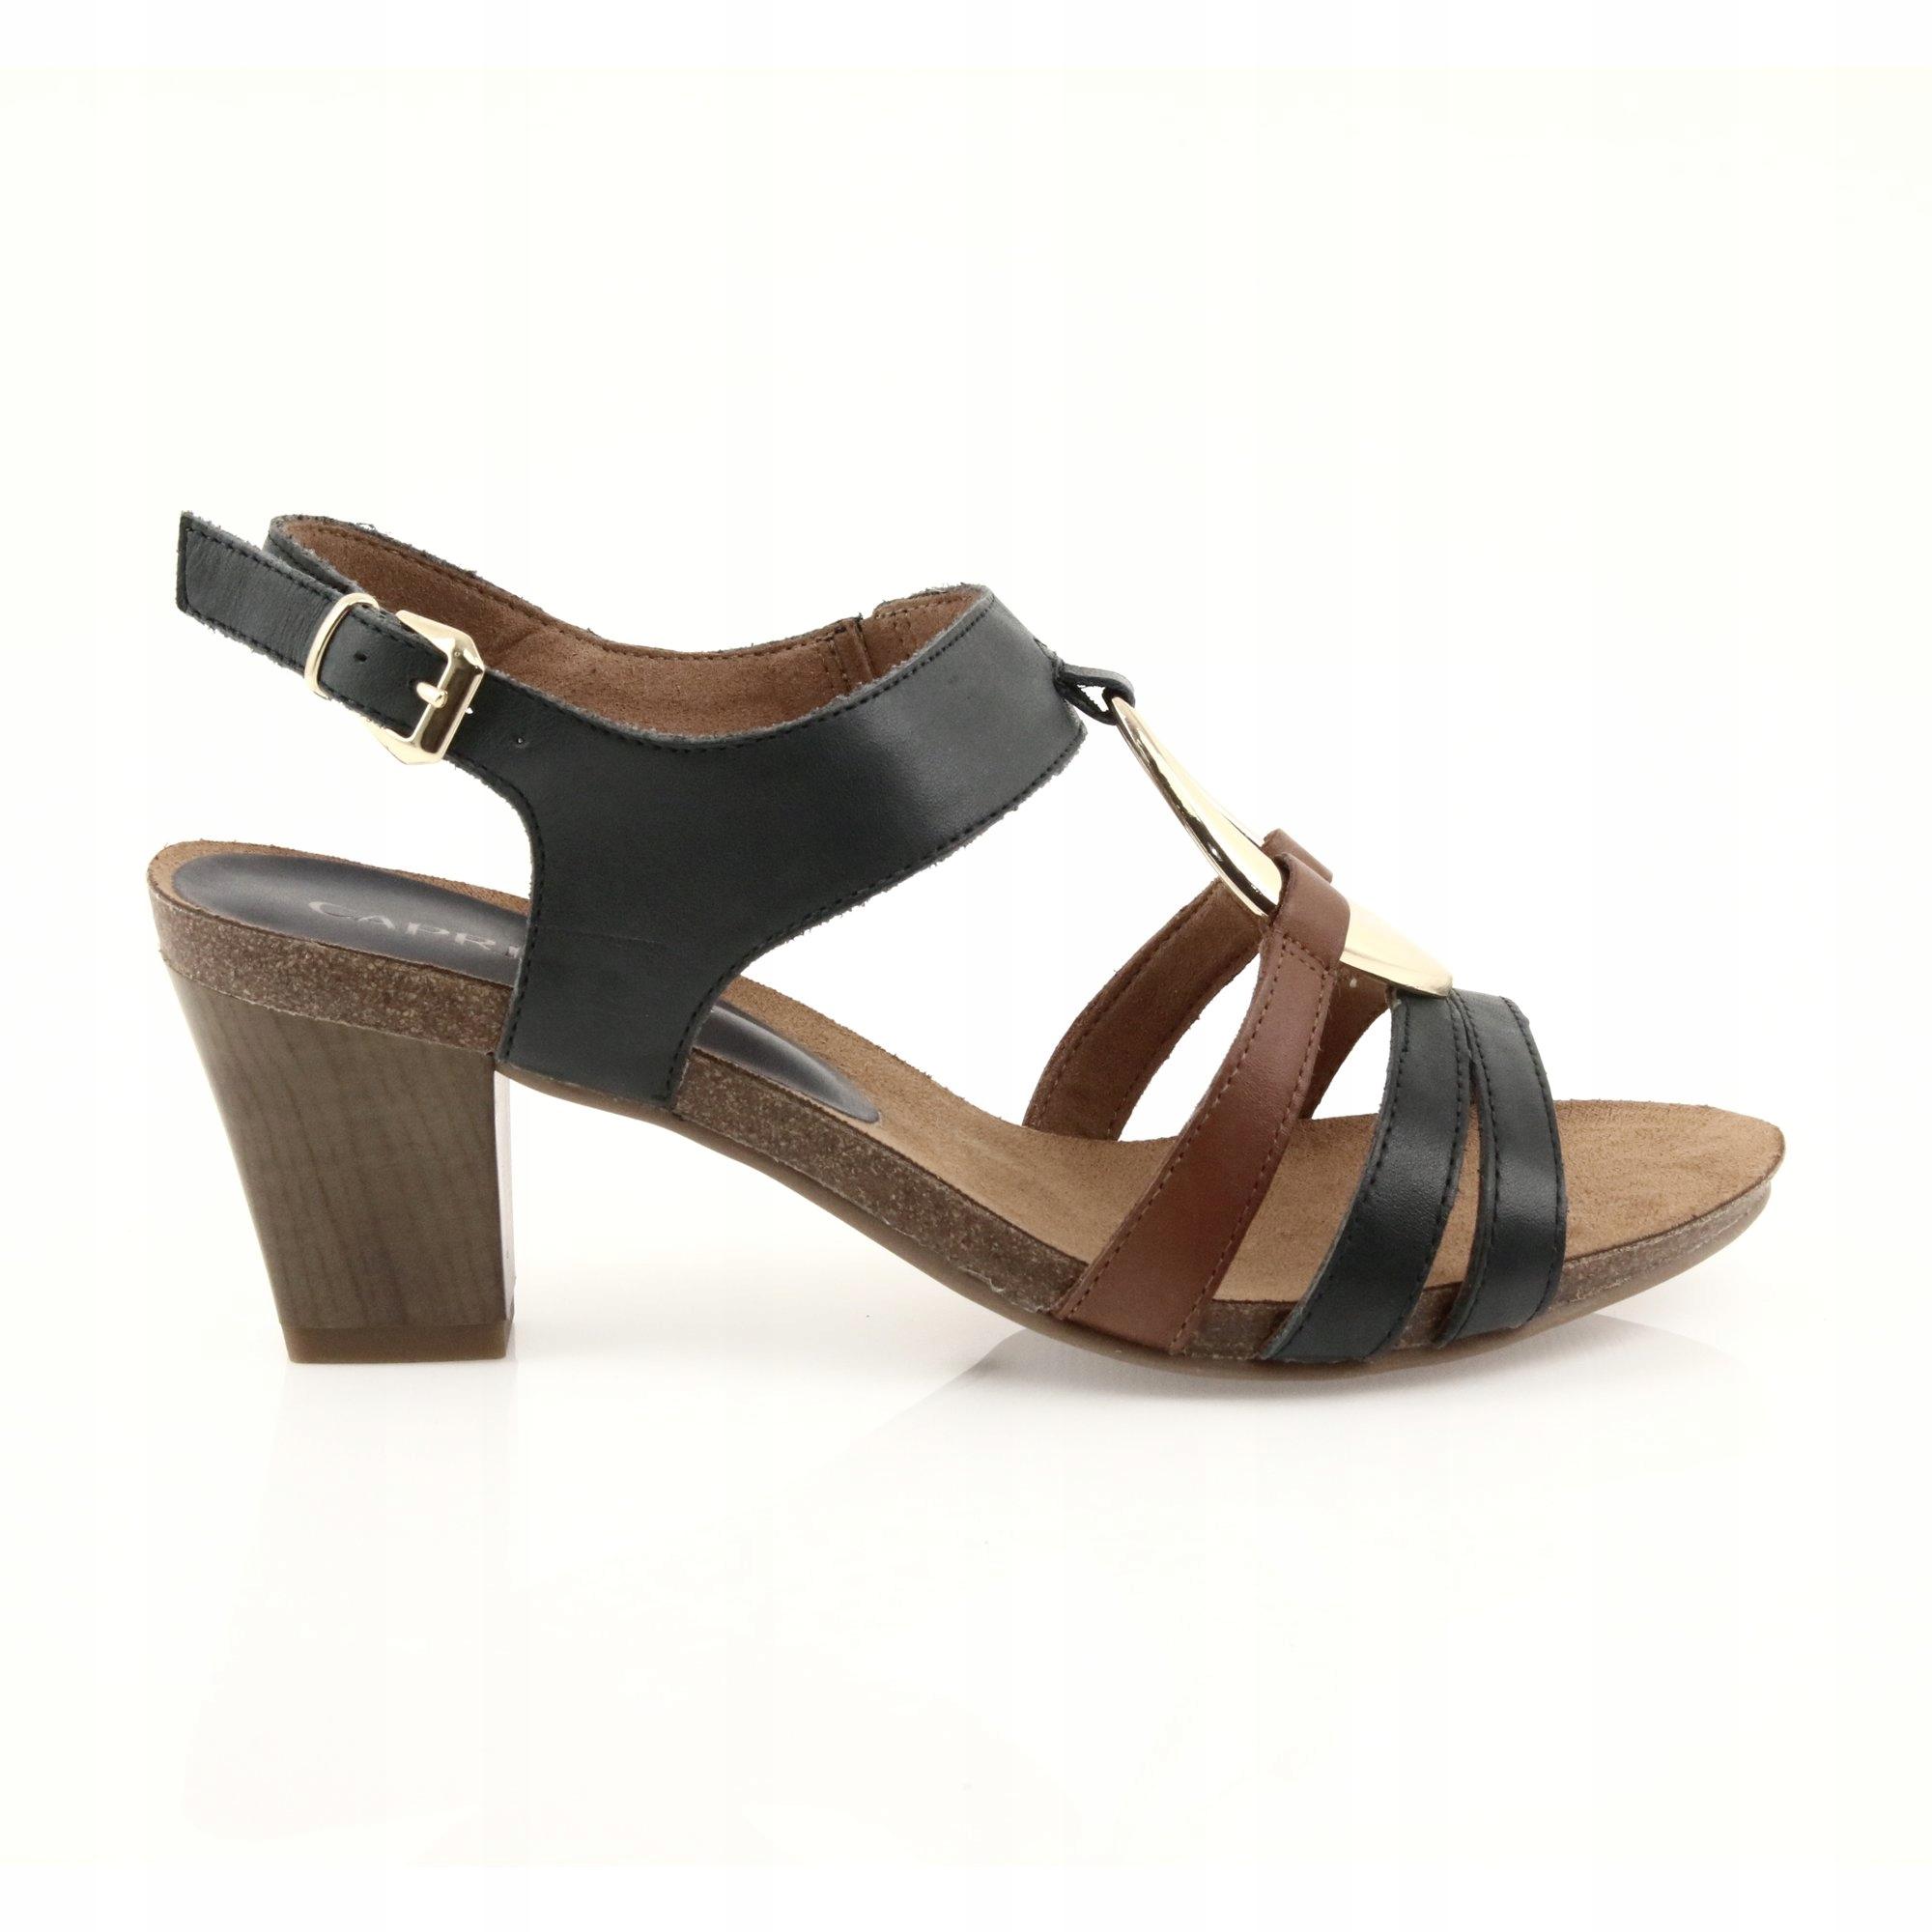 Caprice sandały damskie brązowe żółte r.40,5